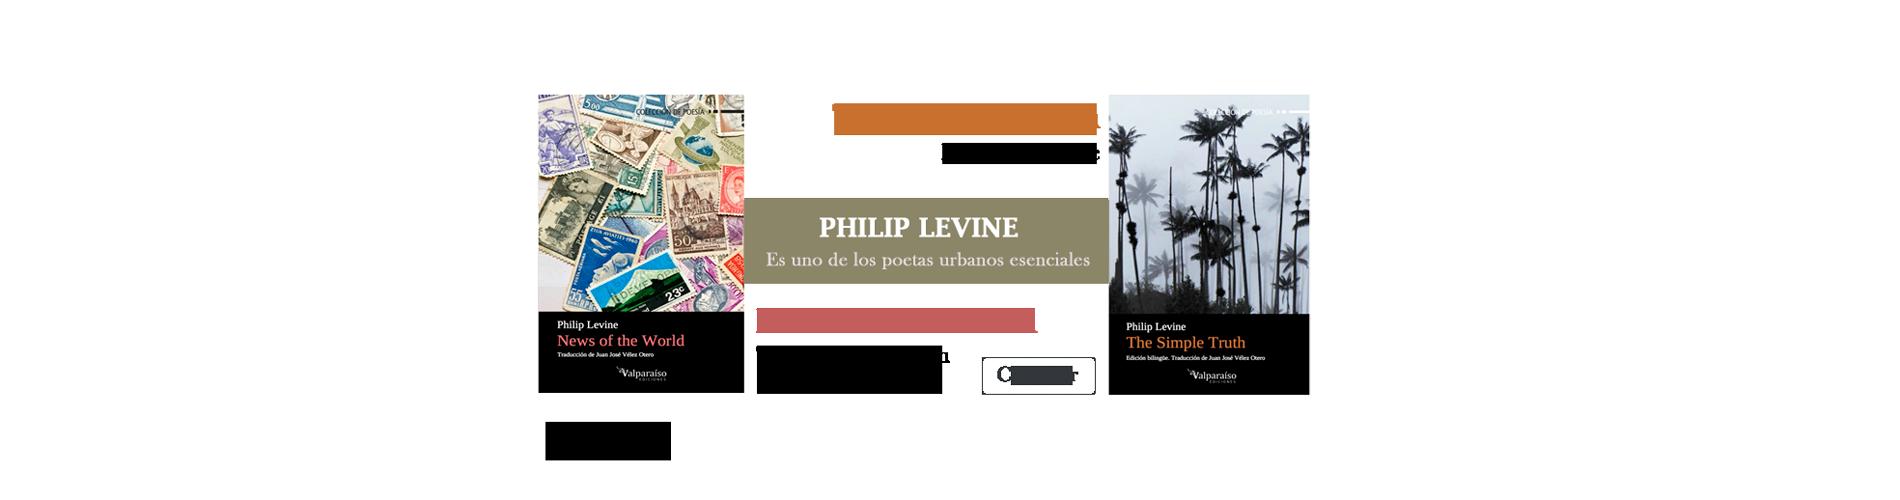 Philip Levine, uno de los poetas urbanos esenciales.